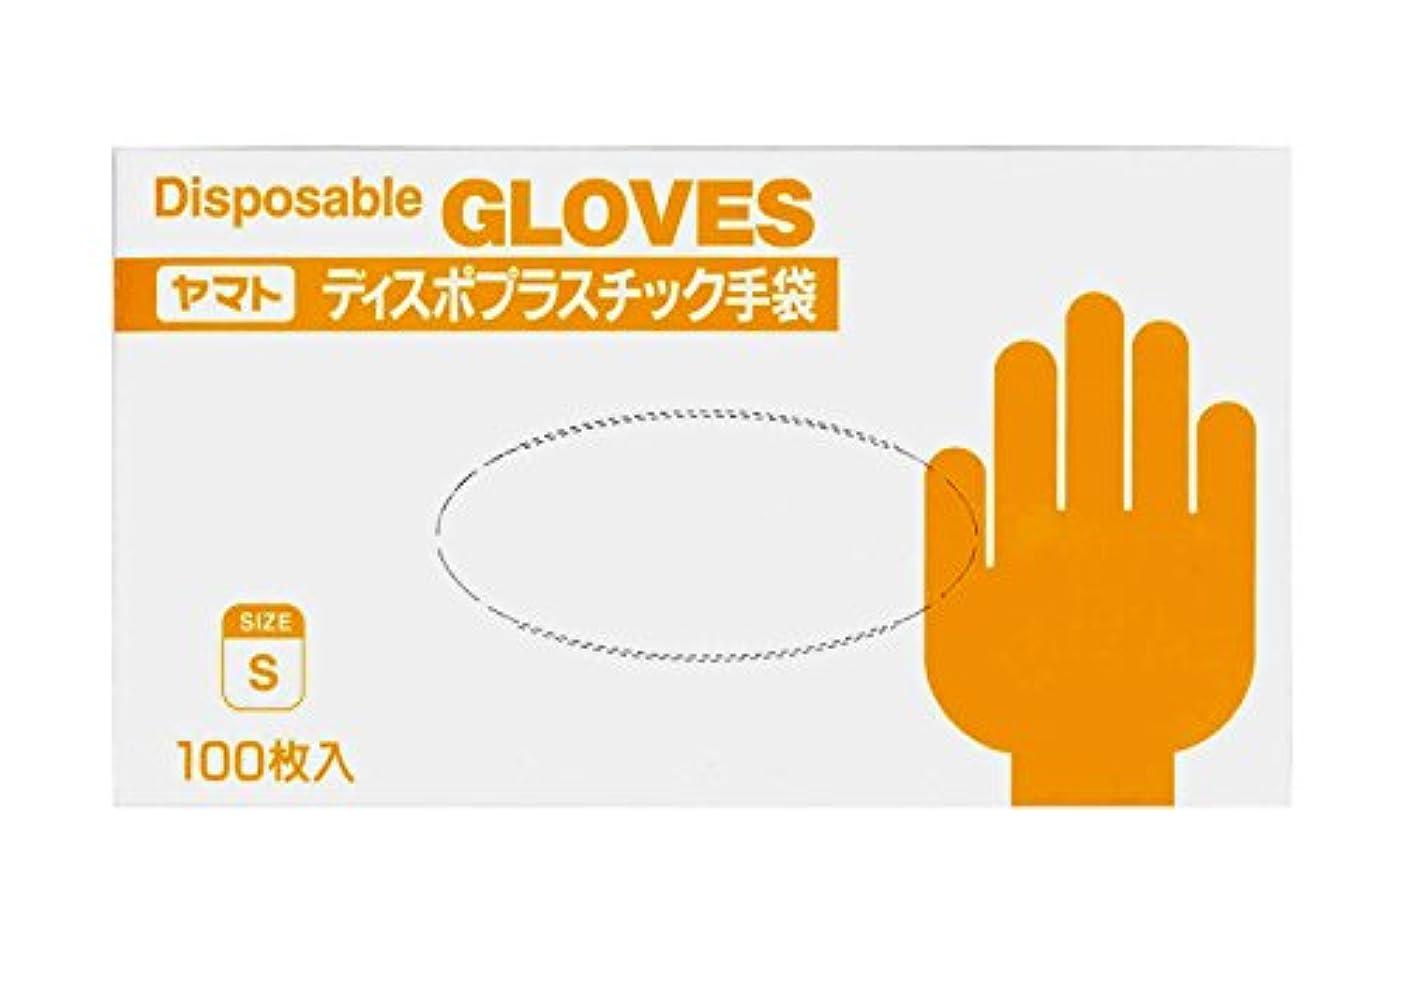 残基スプーンタンパク質ヤマト ディスポプラスチック手袋 S 100枚入